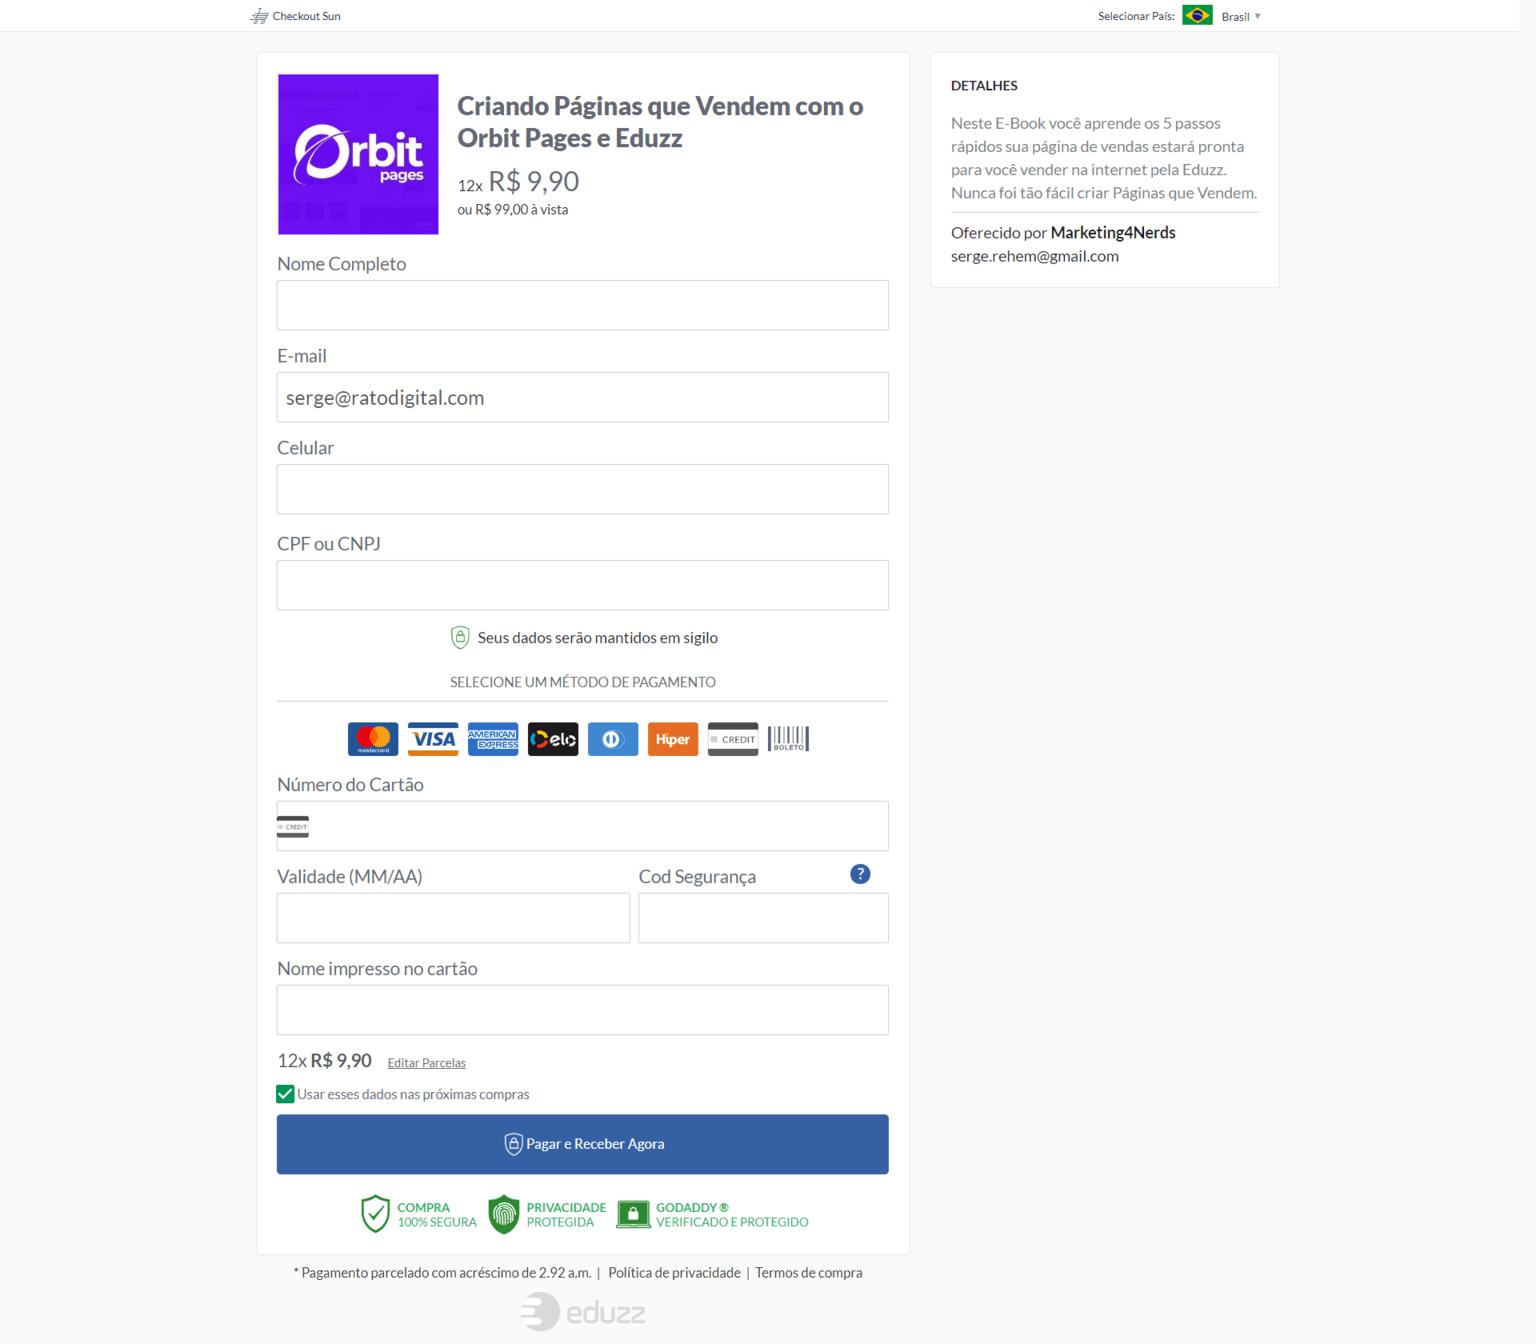 Sua página de venda já vem integrada ao Checkout Sun da Eduzz!